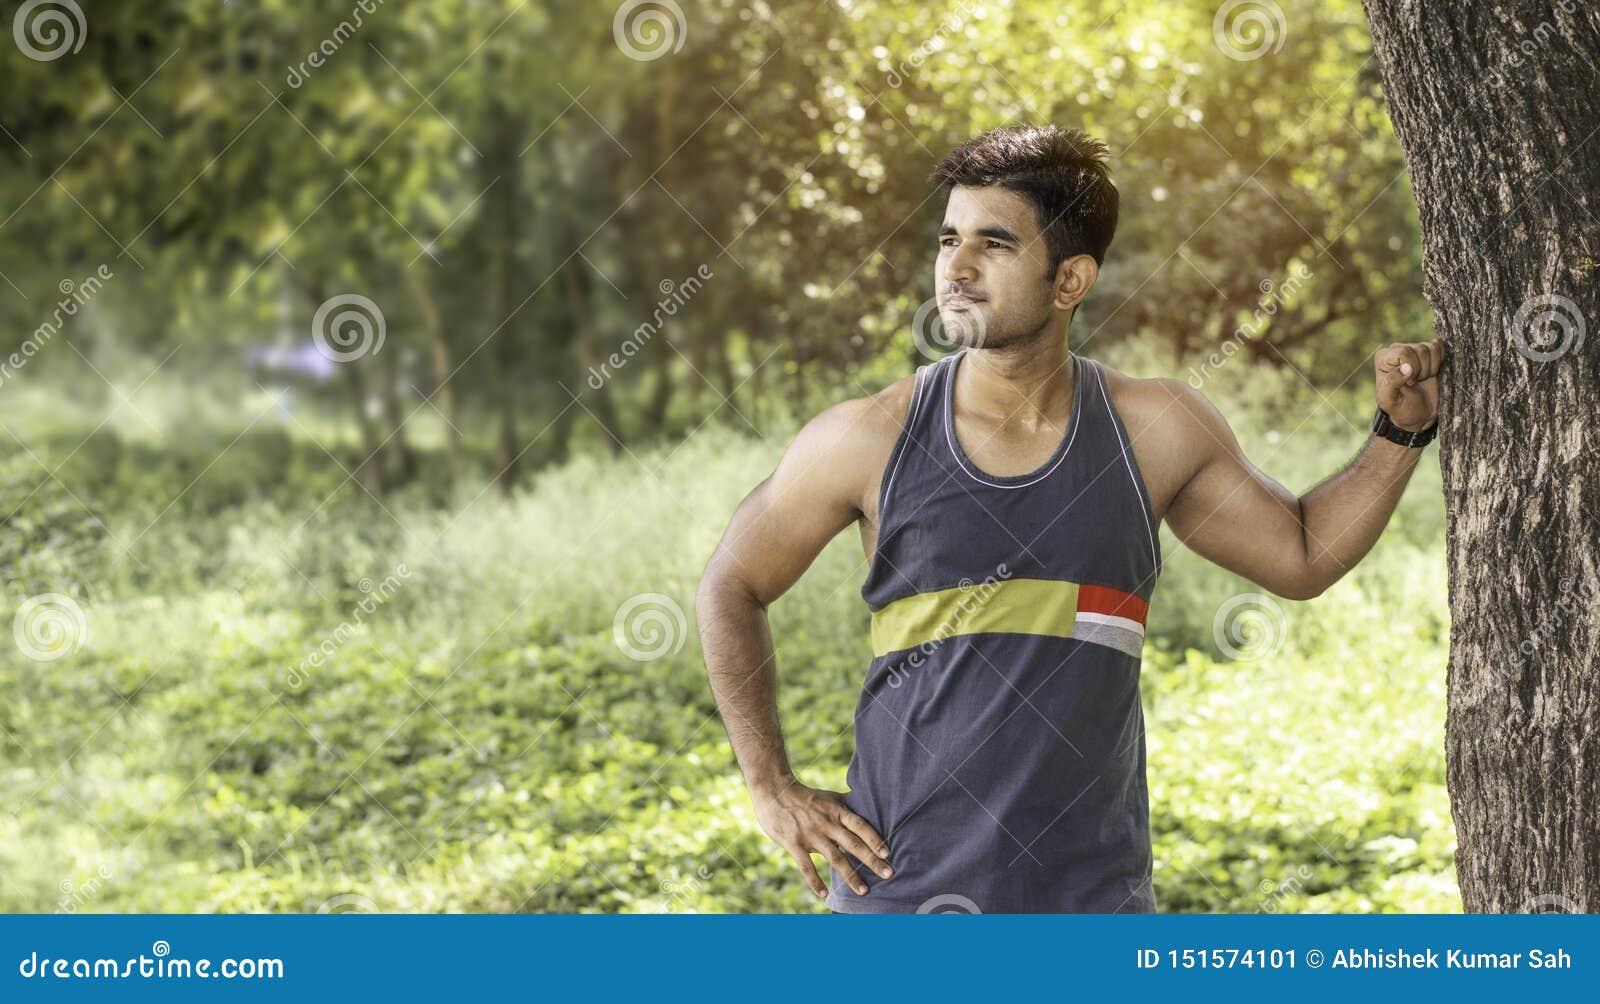 Hombre atlético joven que toma una rotura debajo de árbol durante activar desafiador al aire libre